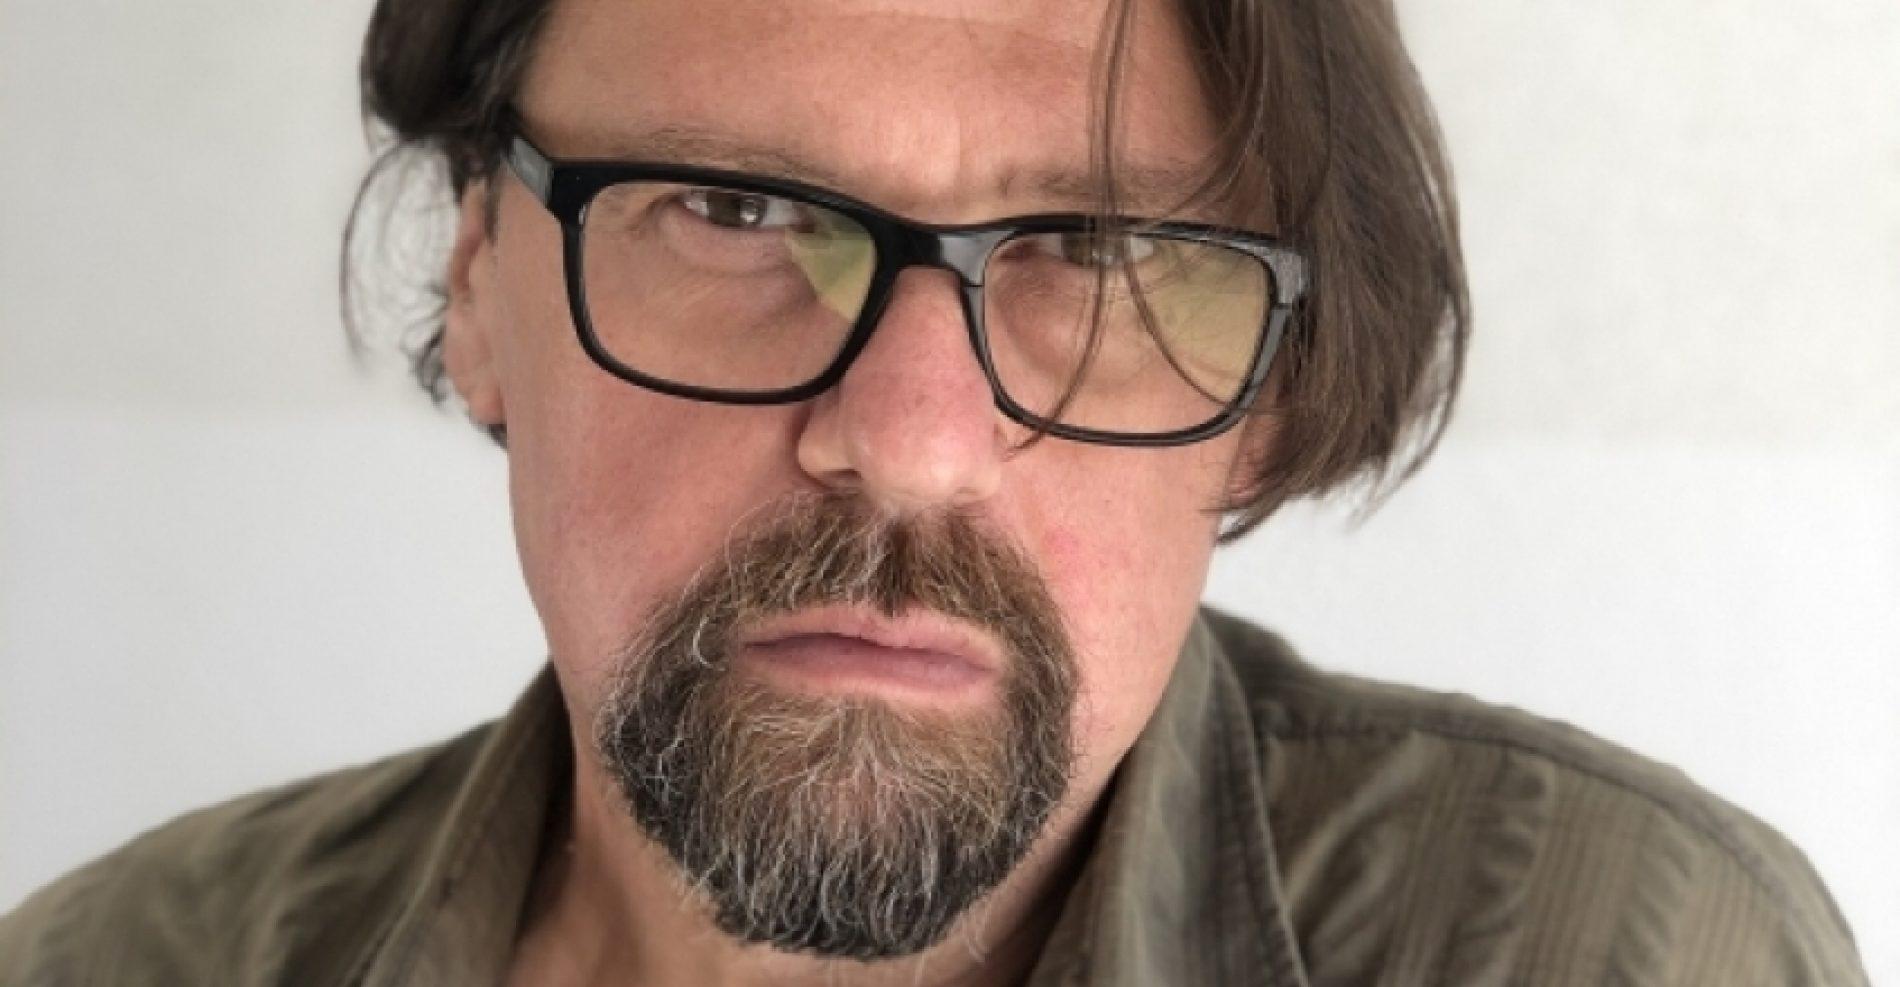 Svjetska premijera novog filma bosanskog reditelja Pjera Žalice otvara 26. SFF